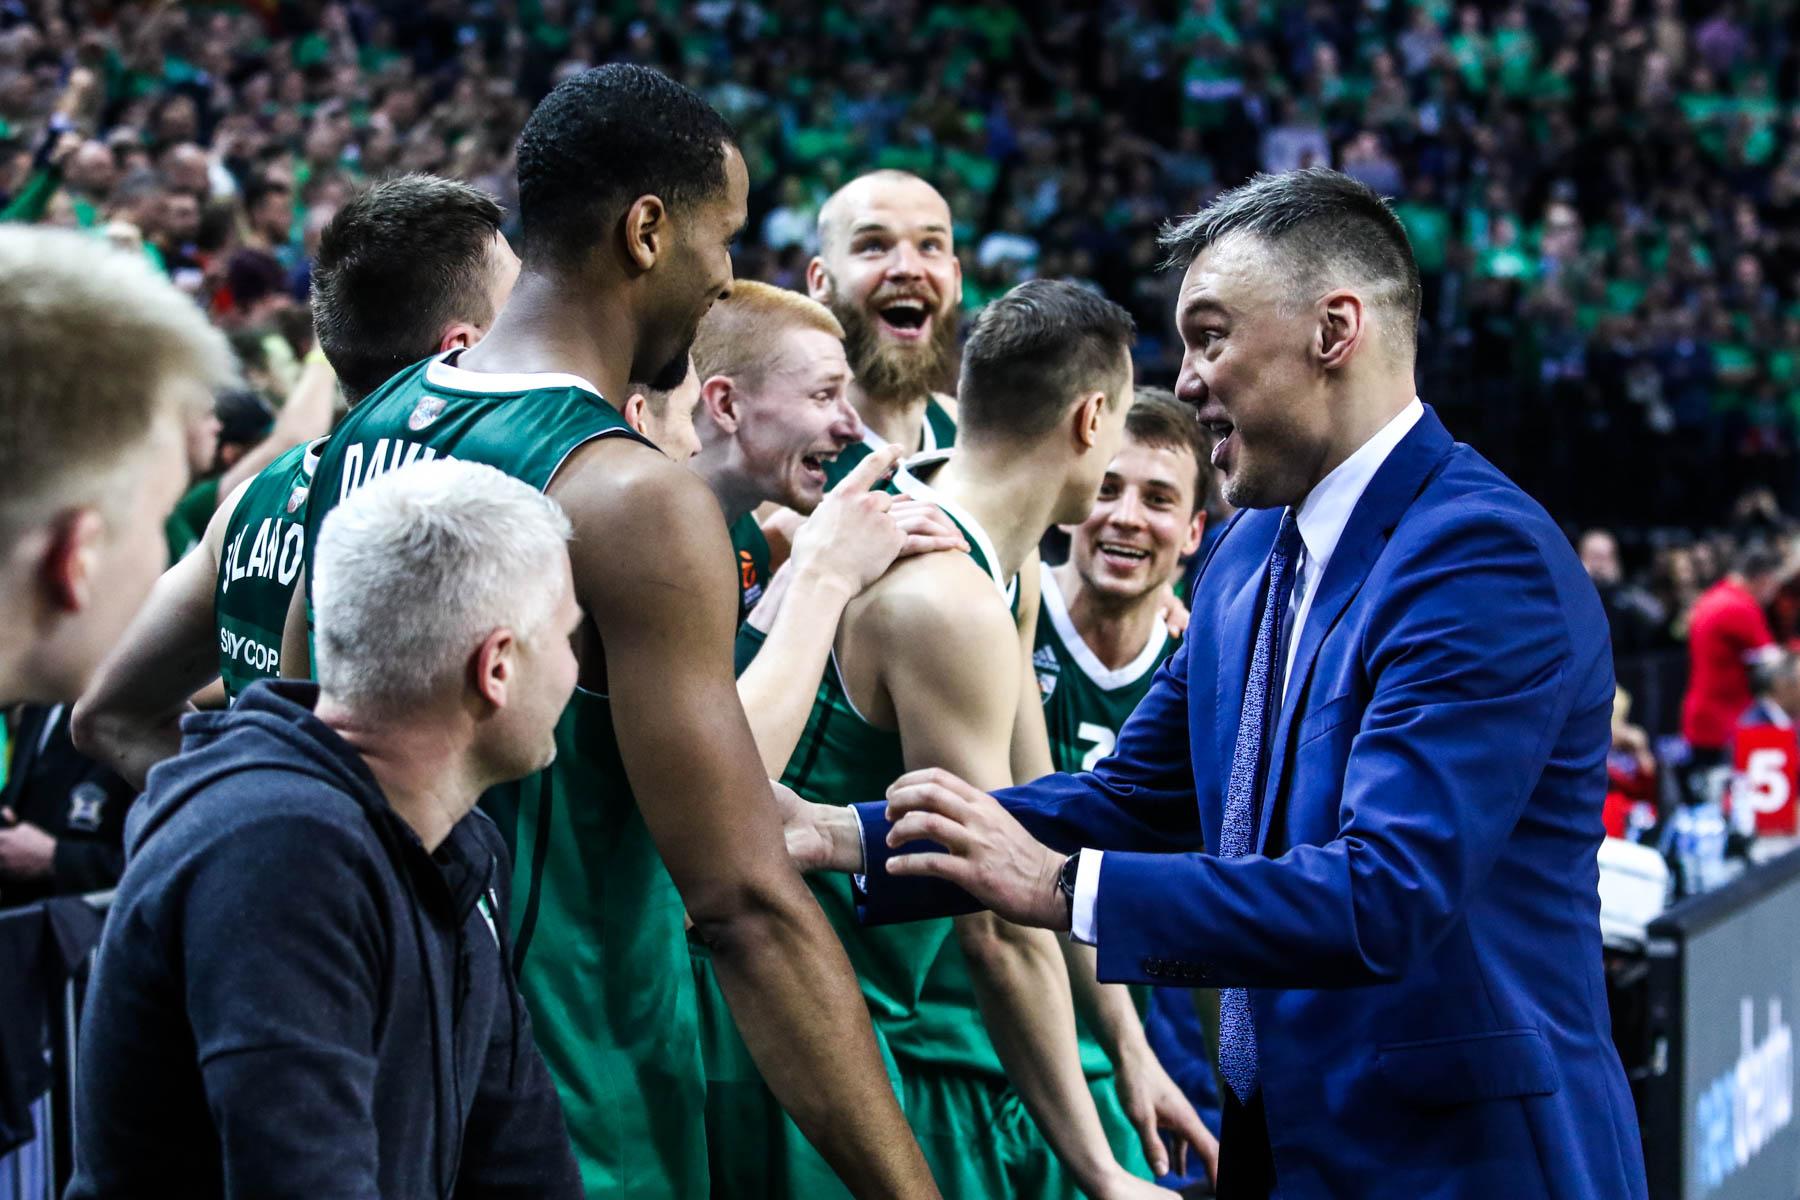 Kas yra geriausias visų laikų Lietuvos krepšininkas? Balsuokite